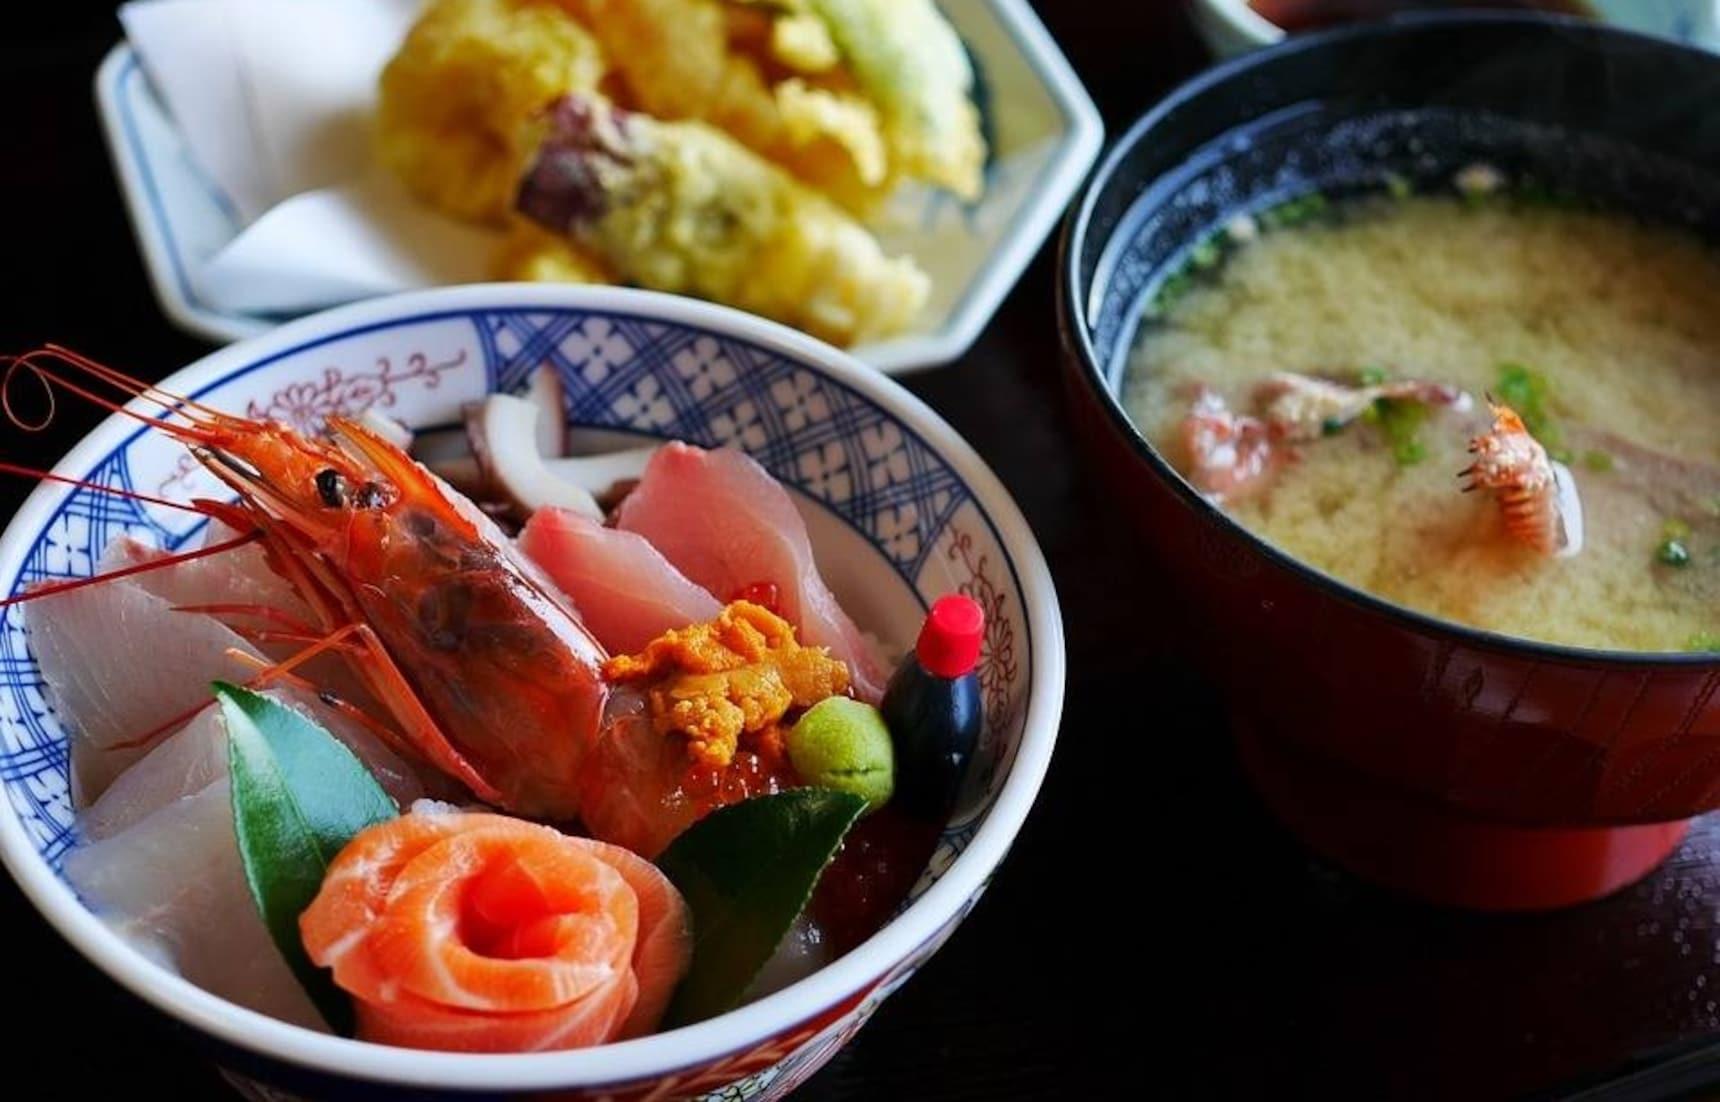 다시 가고 싶은 곳: 홋카이도의 밥상 2부